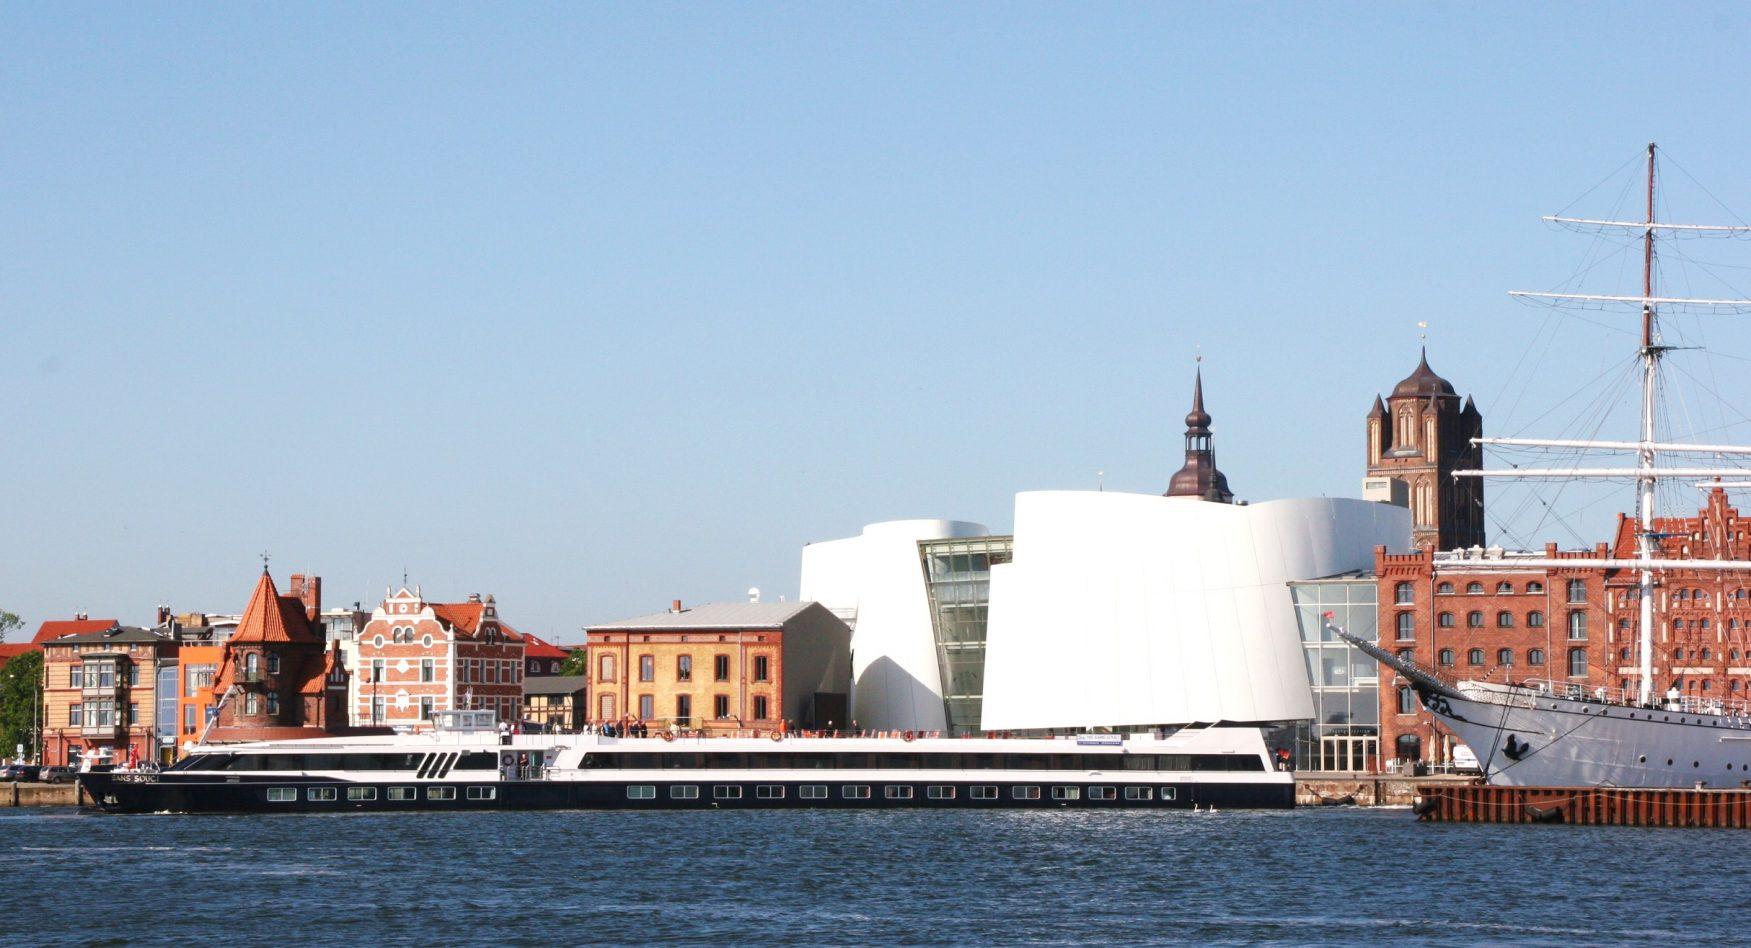 MS SANS SOUCI vor Stralsund-Kulisse mit Ozeaneum und GORCH FOCK (I) c Dr.Schmidt-Walther